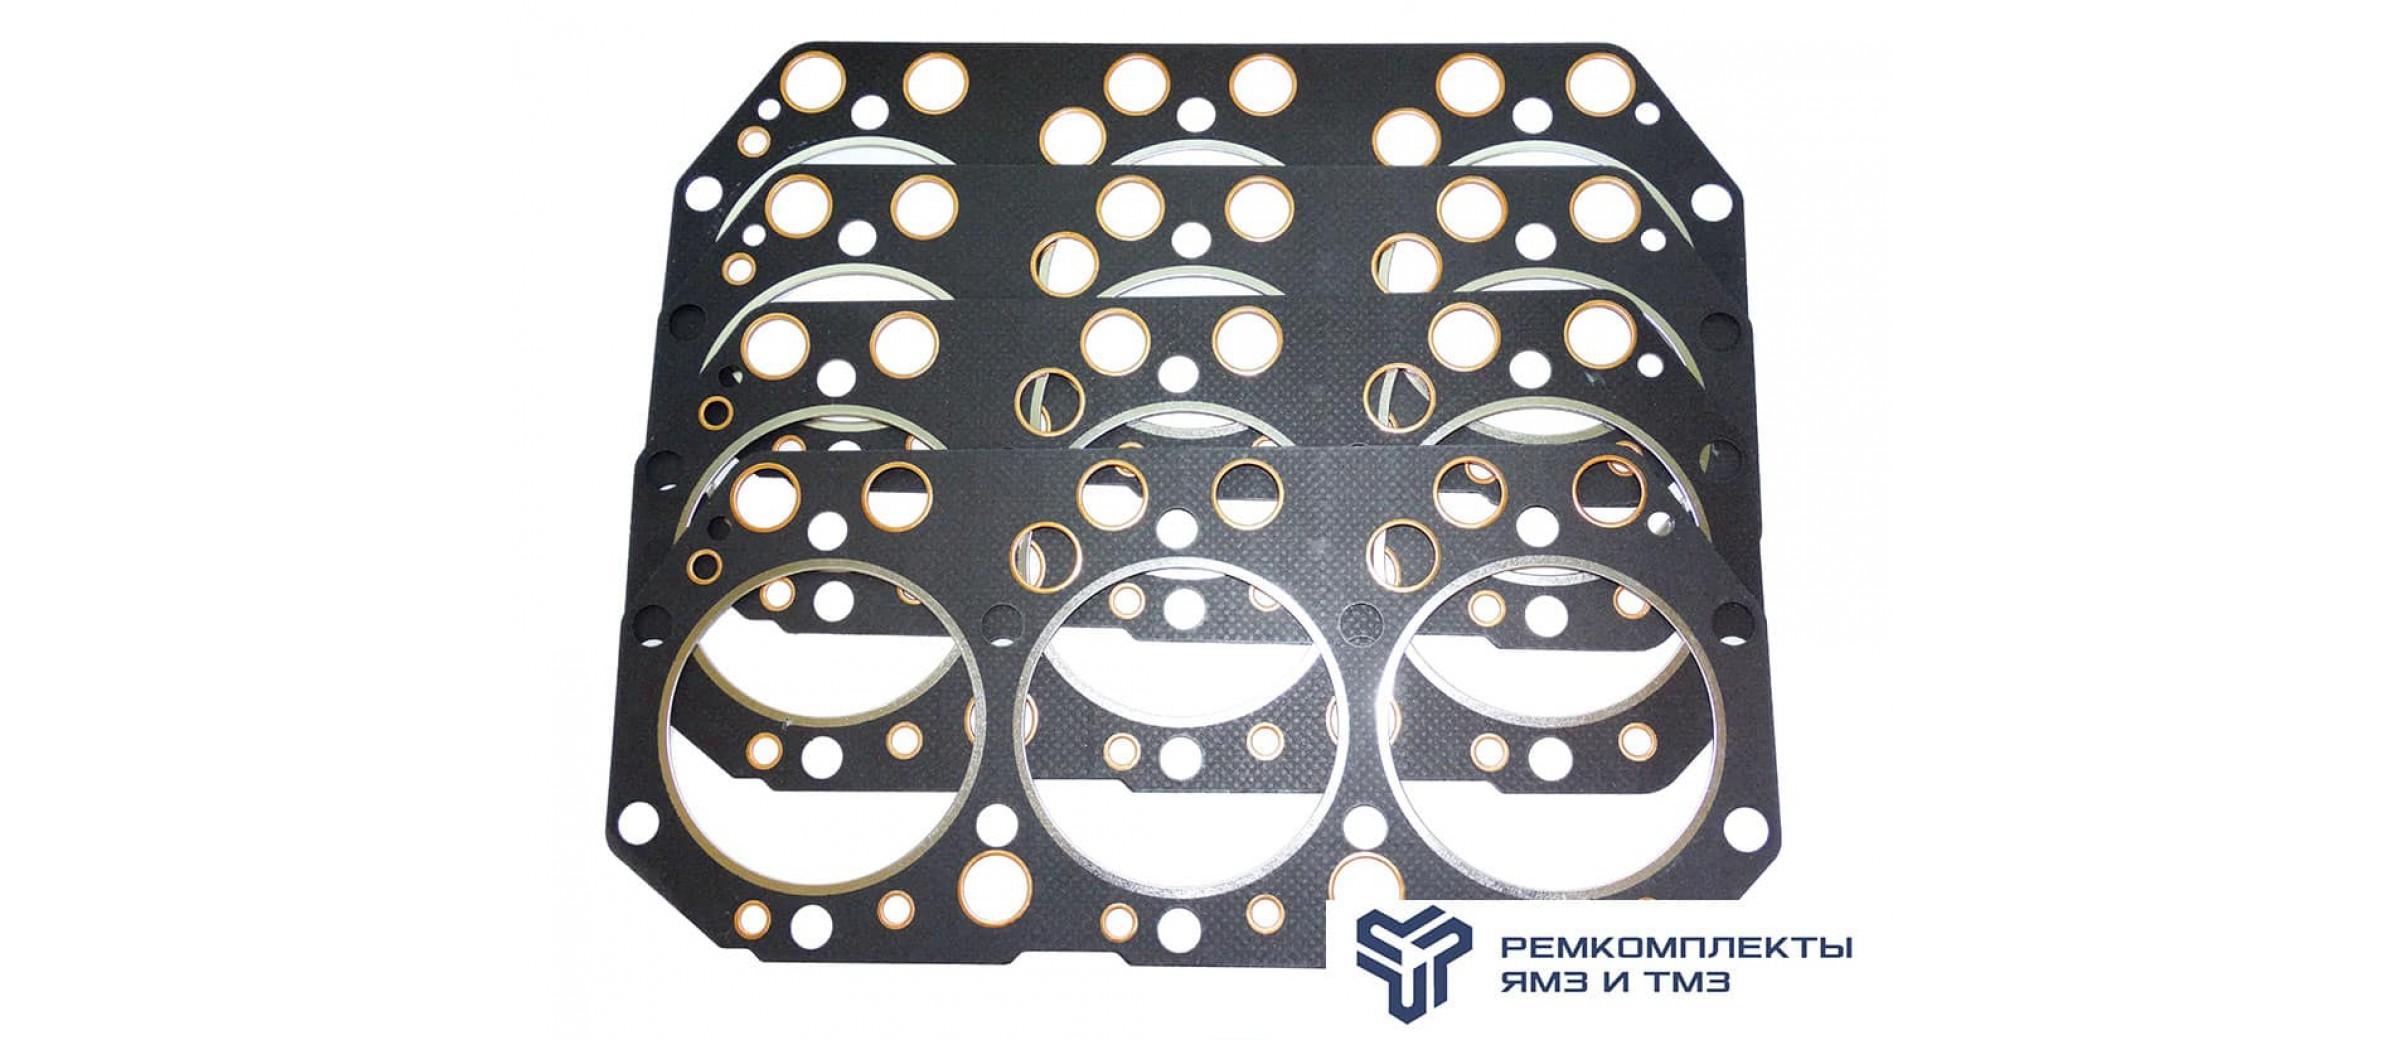 Комплект прокладок головки блока цилиндров общий головки (метал. асбест) односторонний